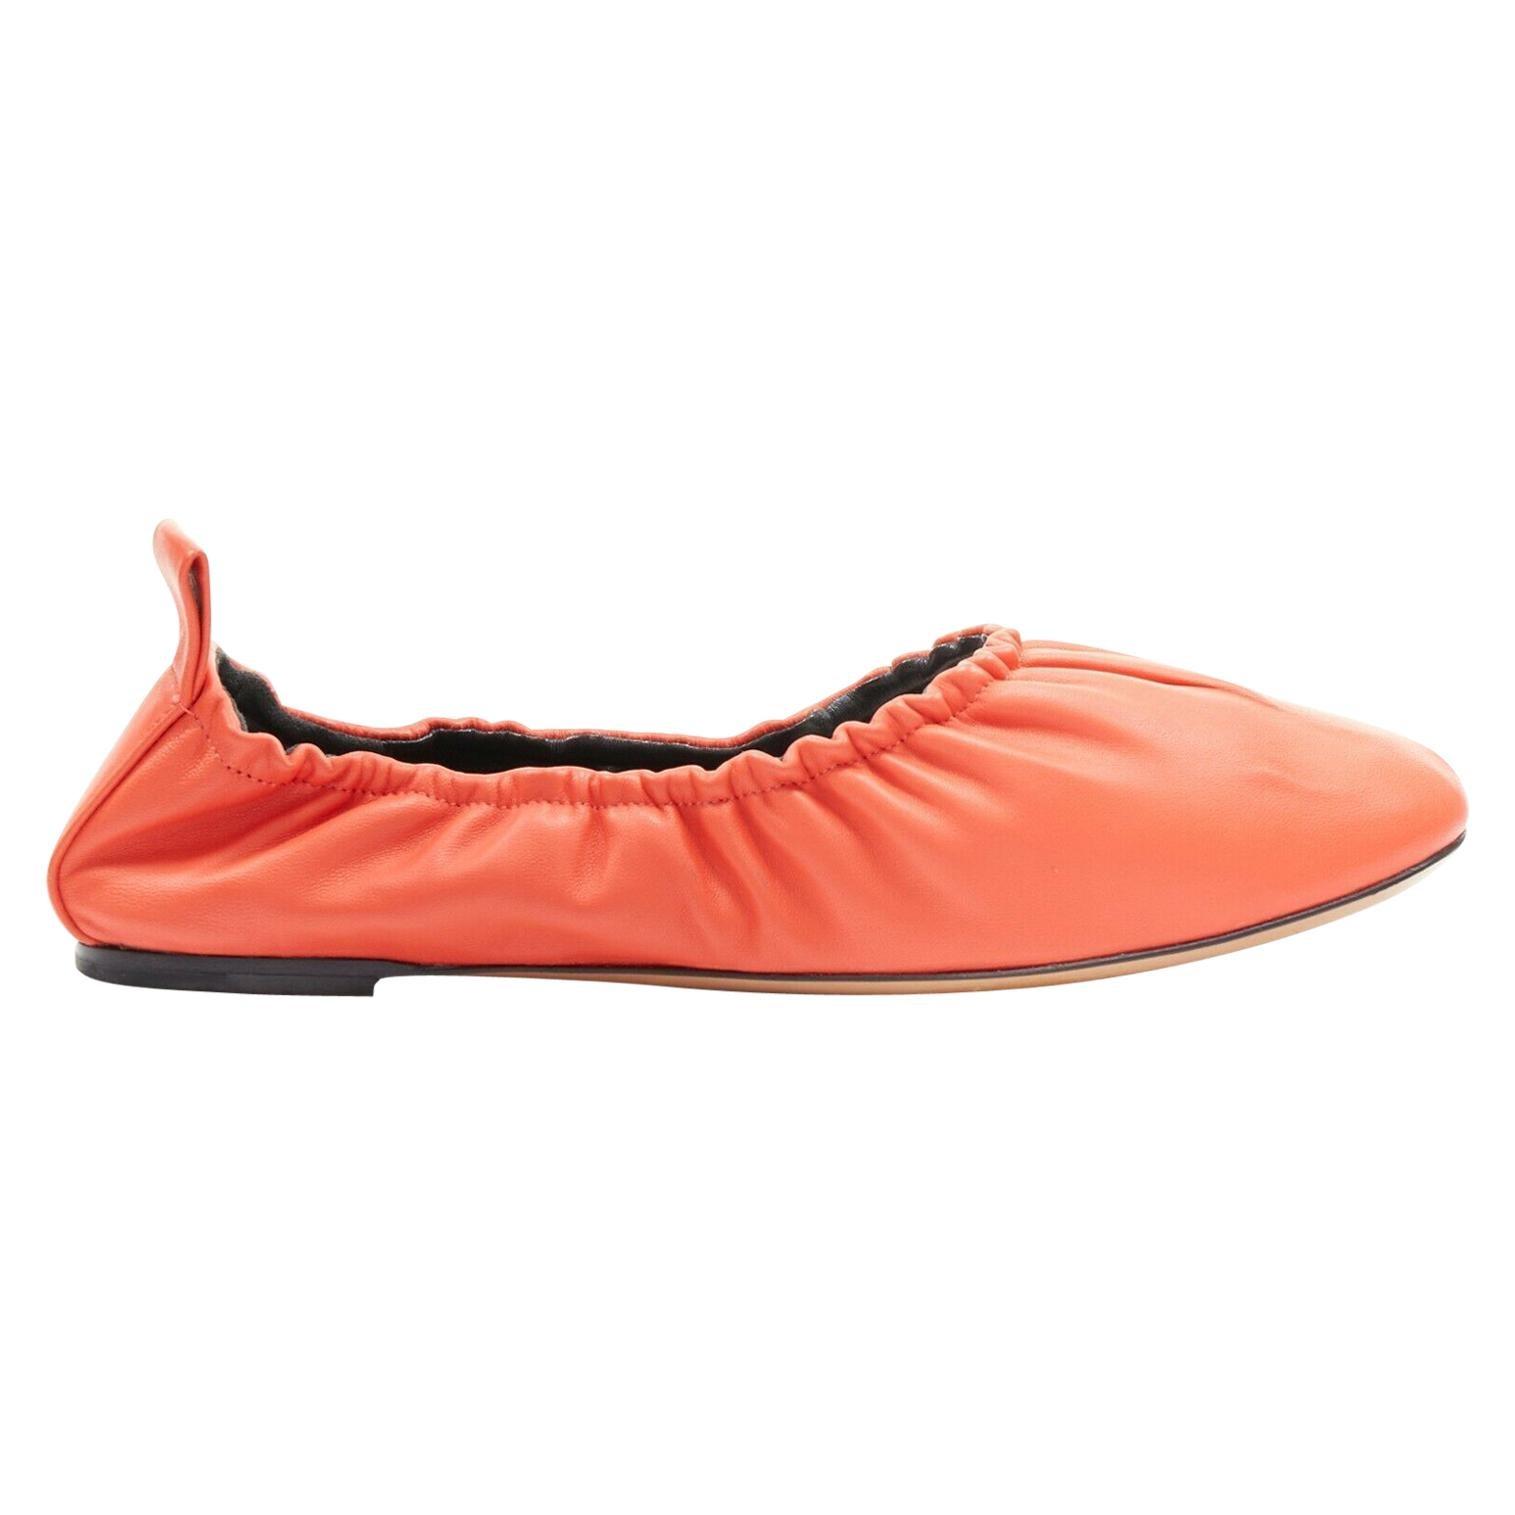 CELINE soft red nappa leather minimal ruched back slip-on ballet flats EU36